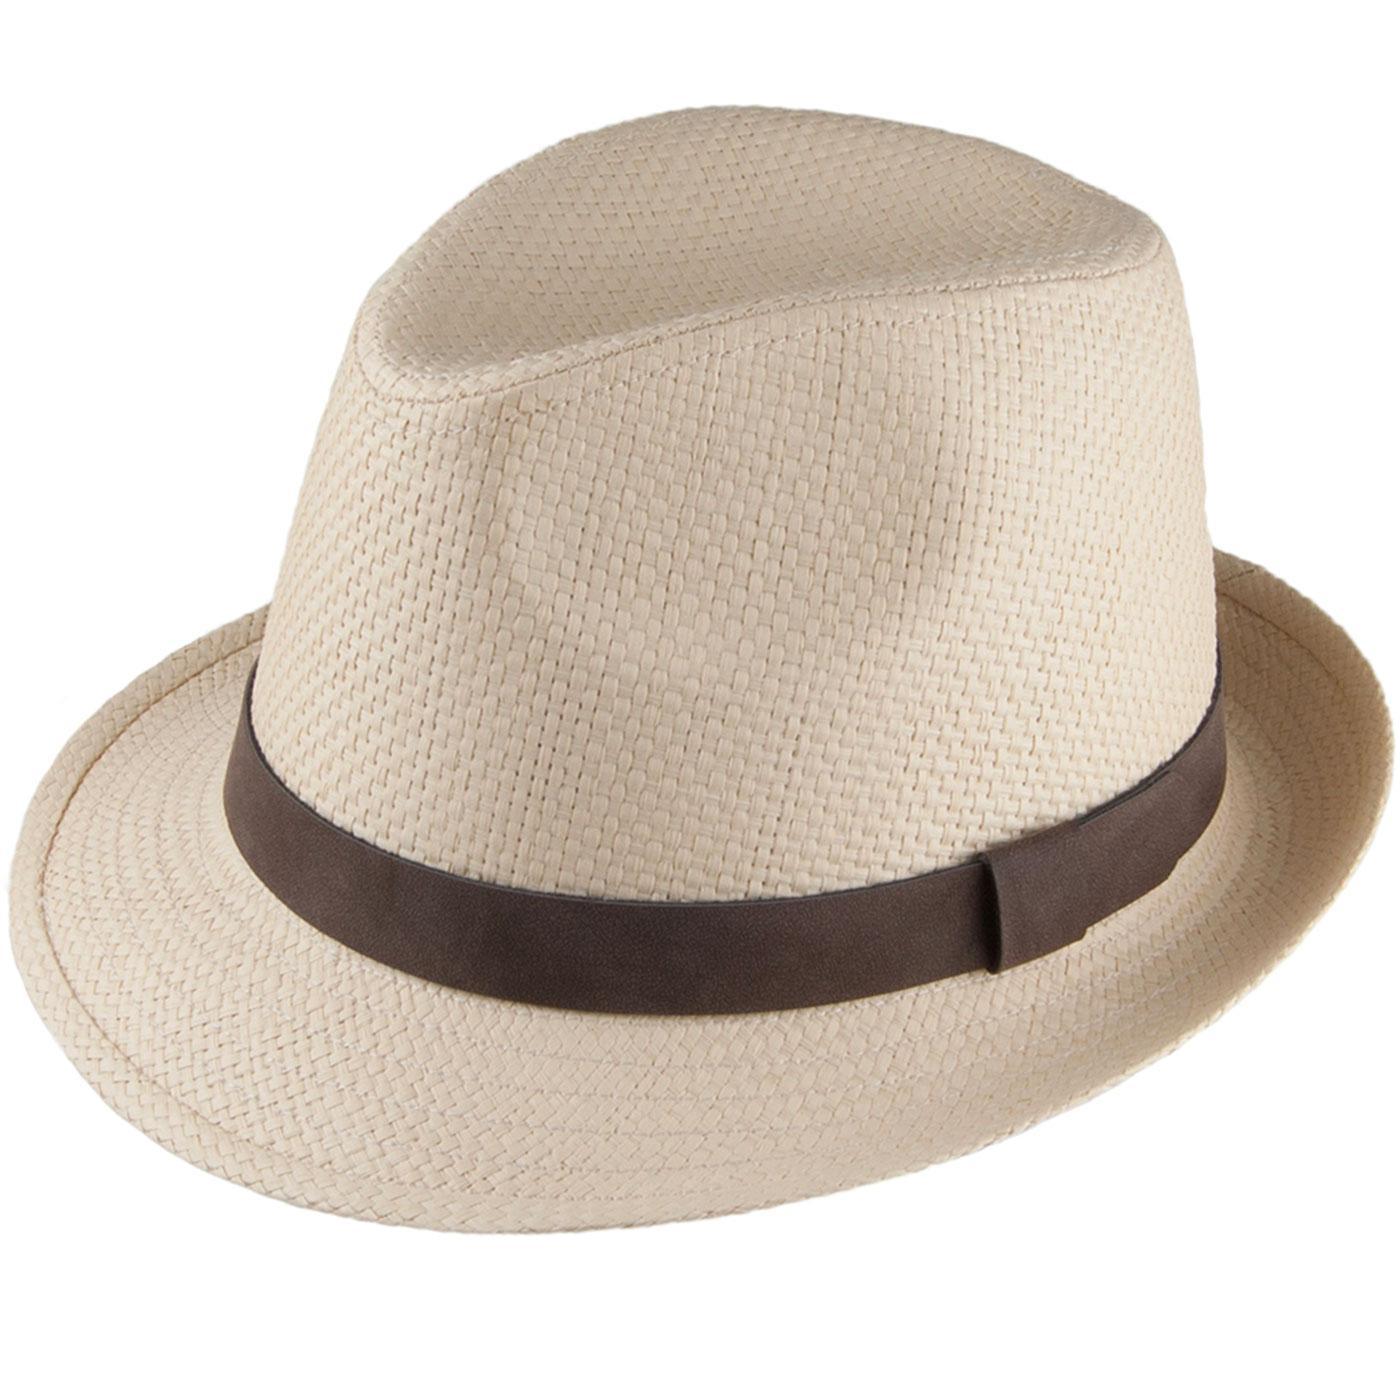 FAILSWORTH Men's Retro 70s Straw Trilby Hat (Dove)